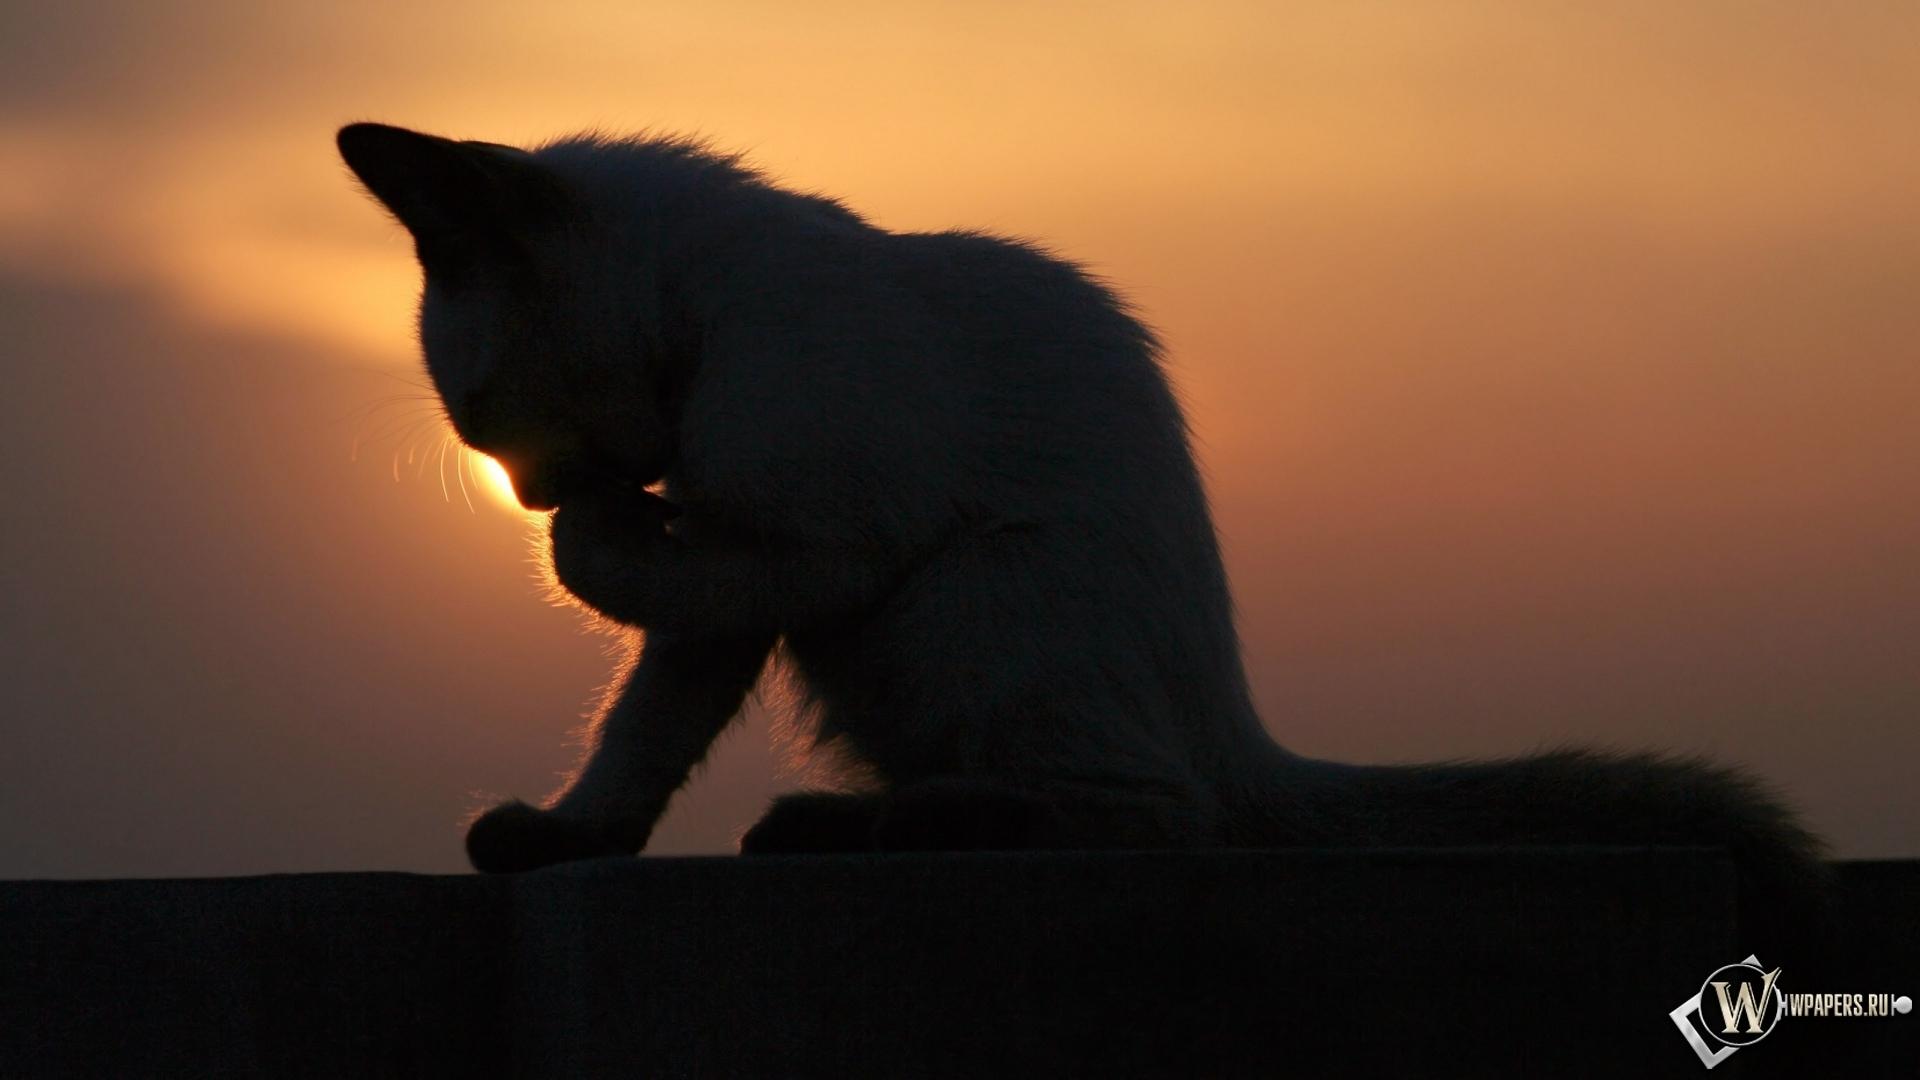 Котёнок на закате 1920x1080